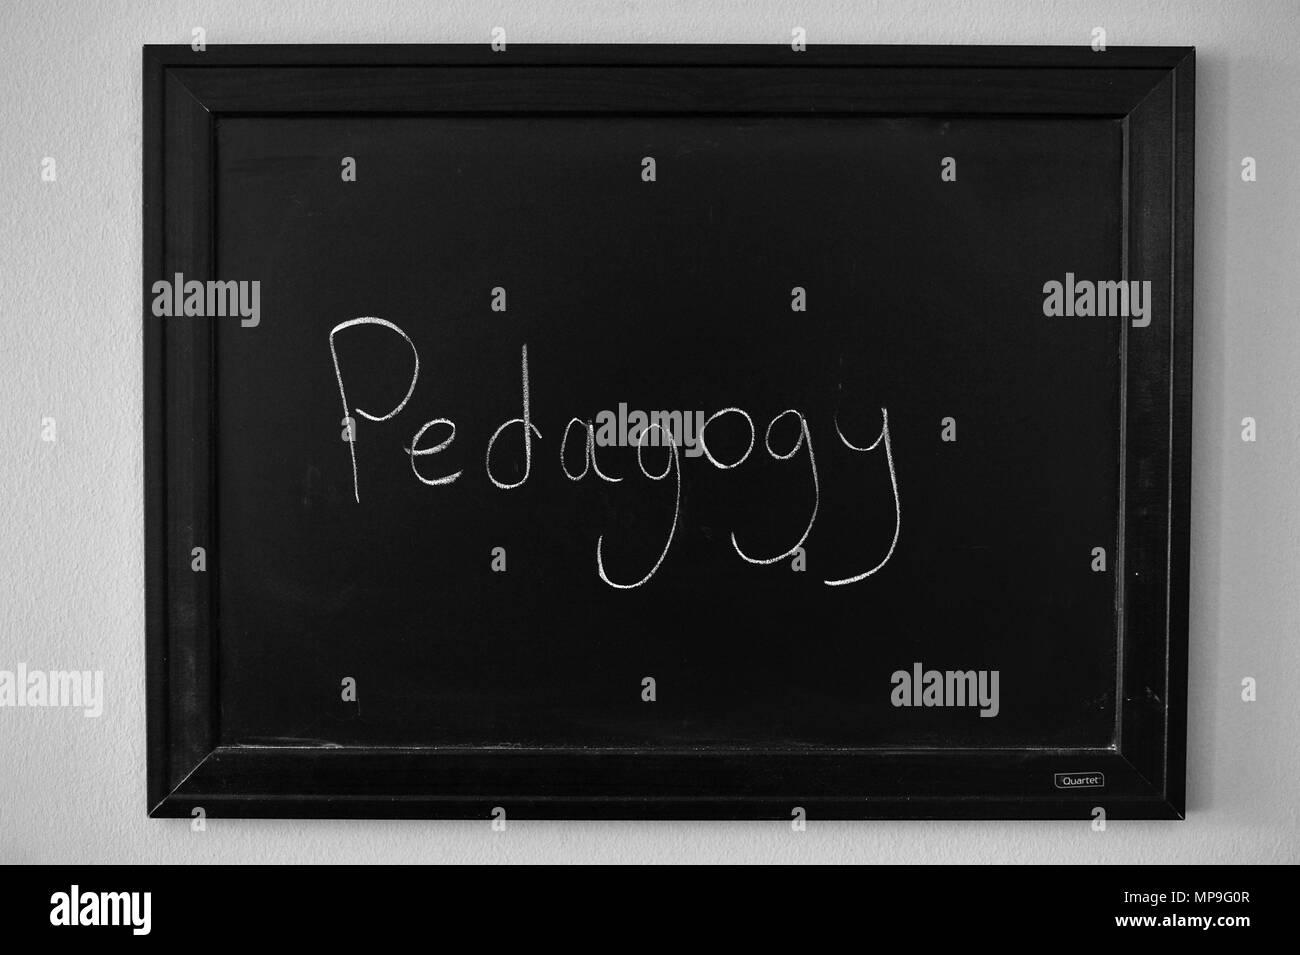 Pedagogy written in white chalk on a wall mounted blackboard. - Stock Image